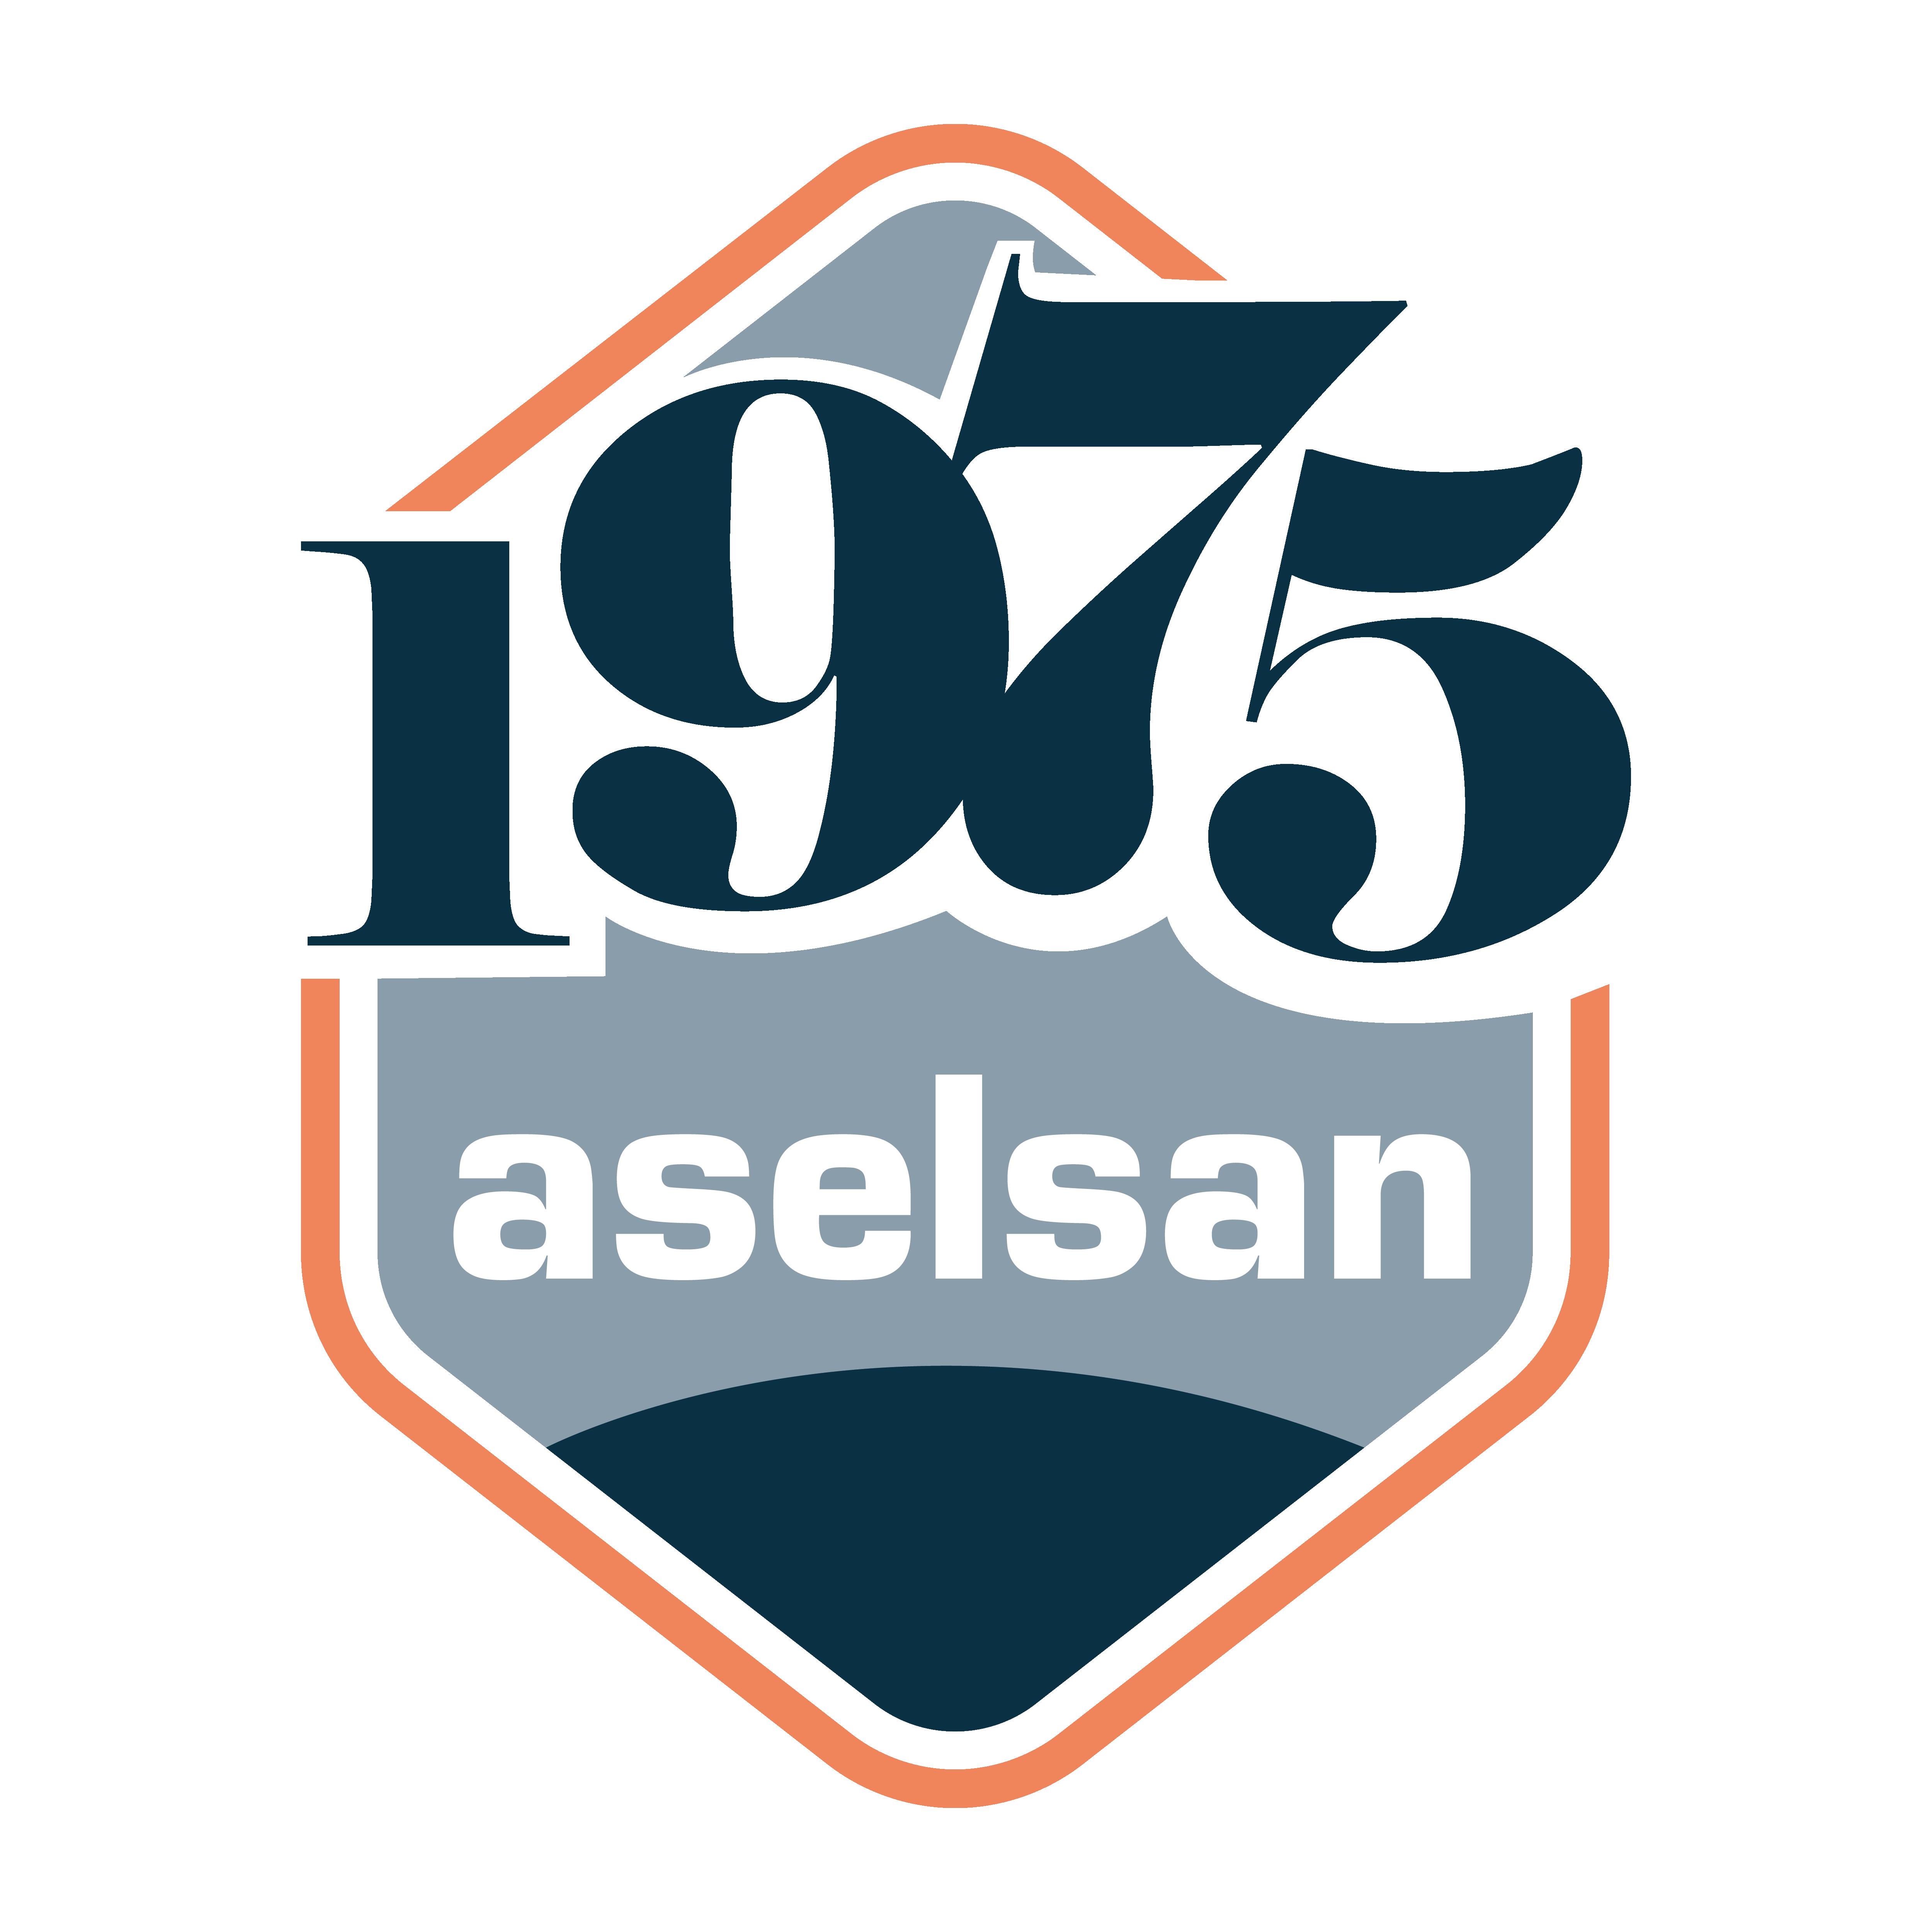 1975-logo-01.png